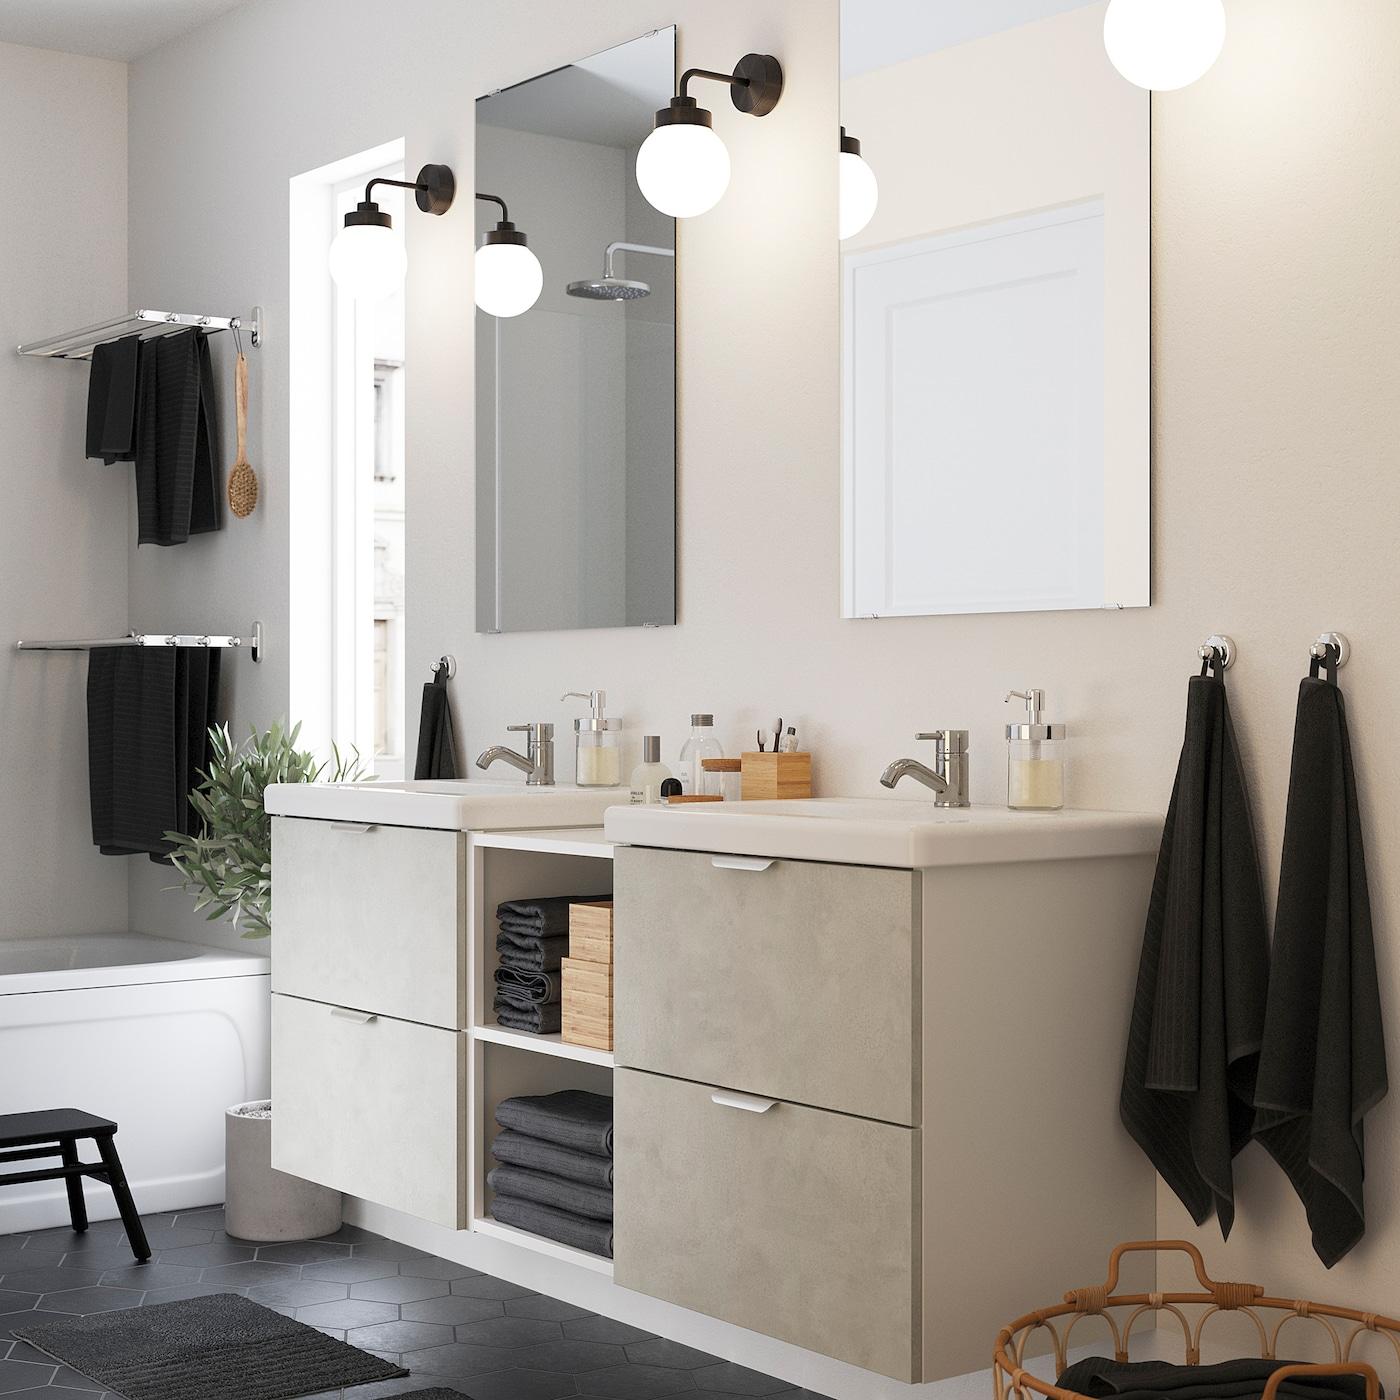 ENHET / TVÄLLEN Badezimmer Set 20 tlg.   Betonmuster/weiß PILKÅN  Mischbatterie 20x20x20 cm